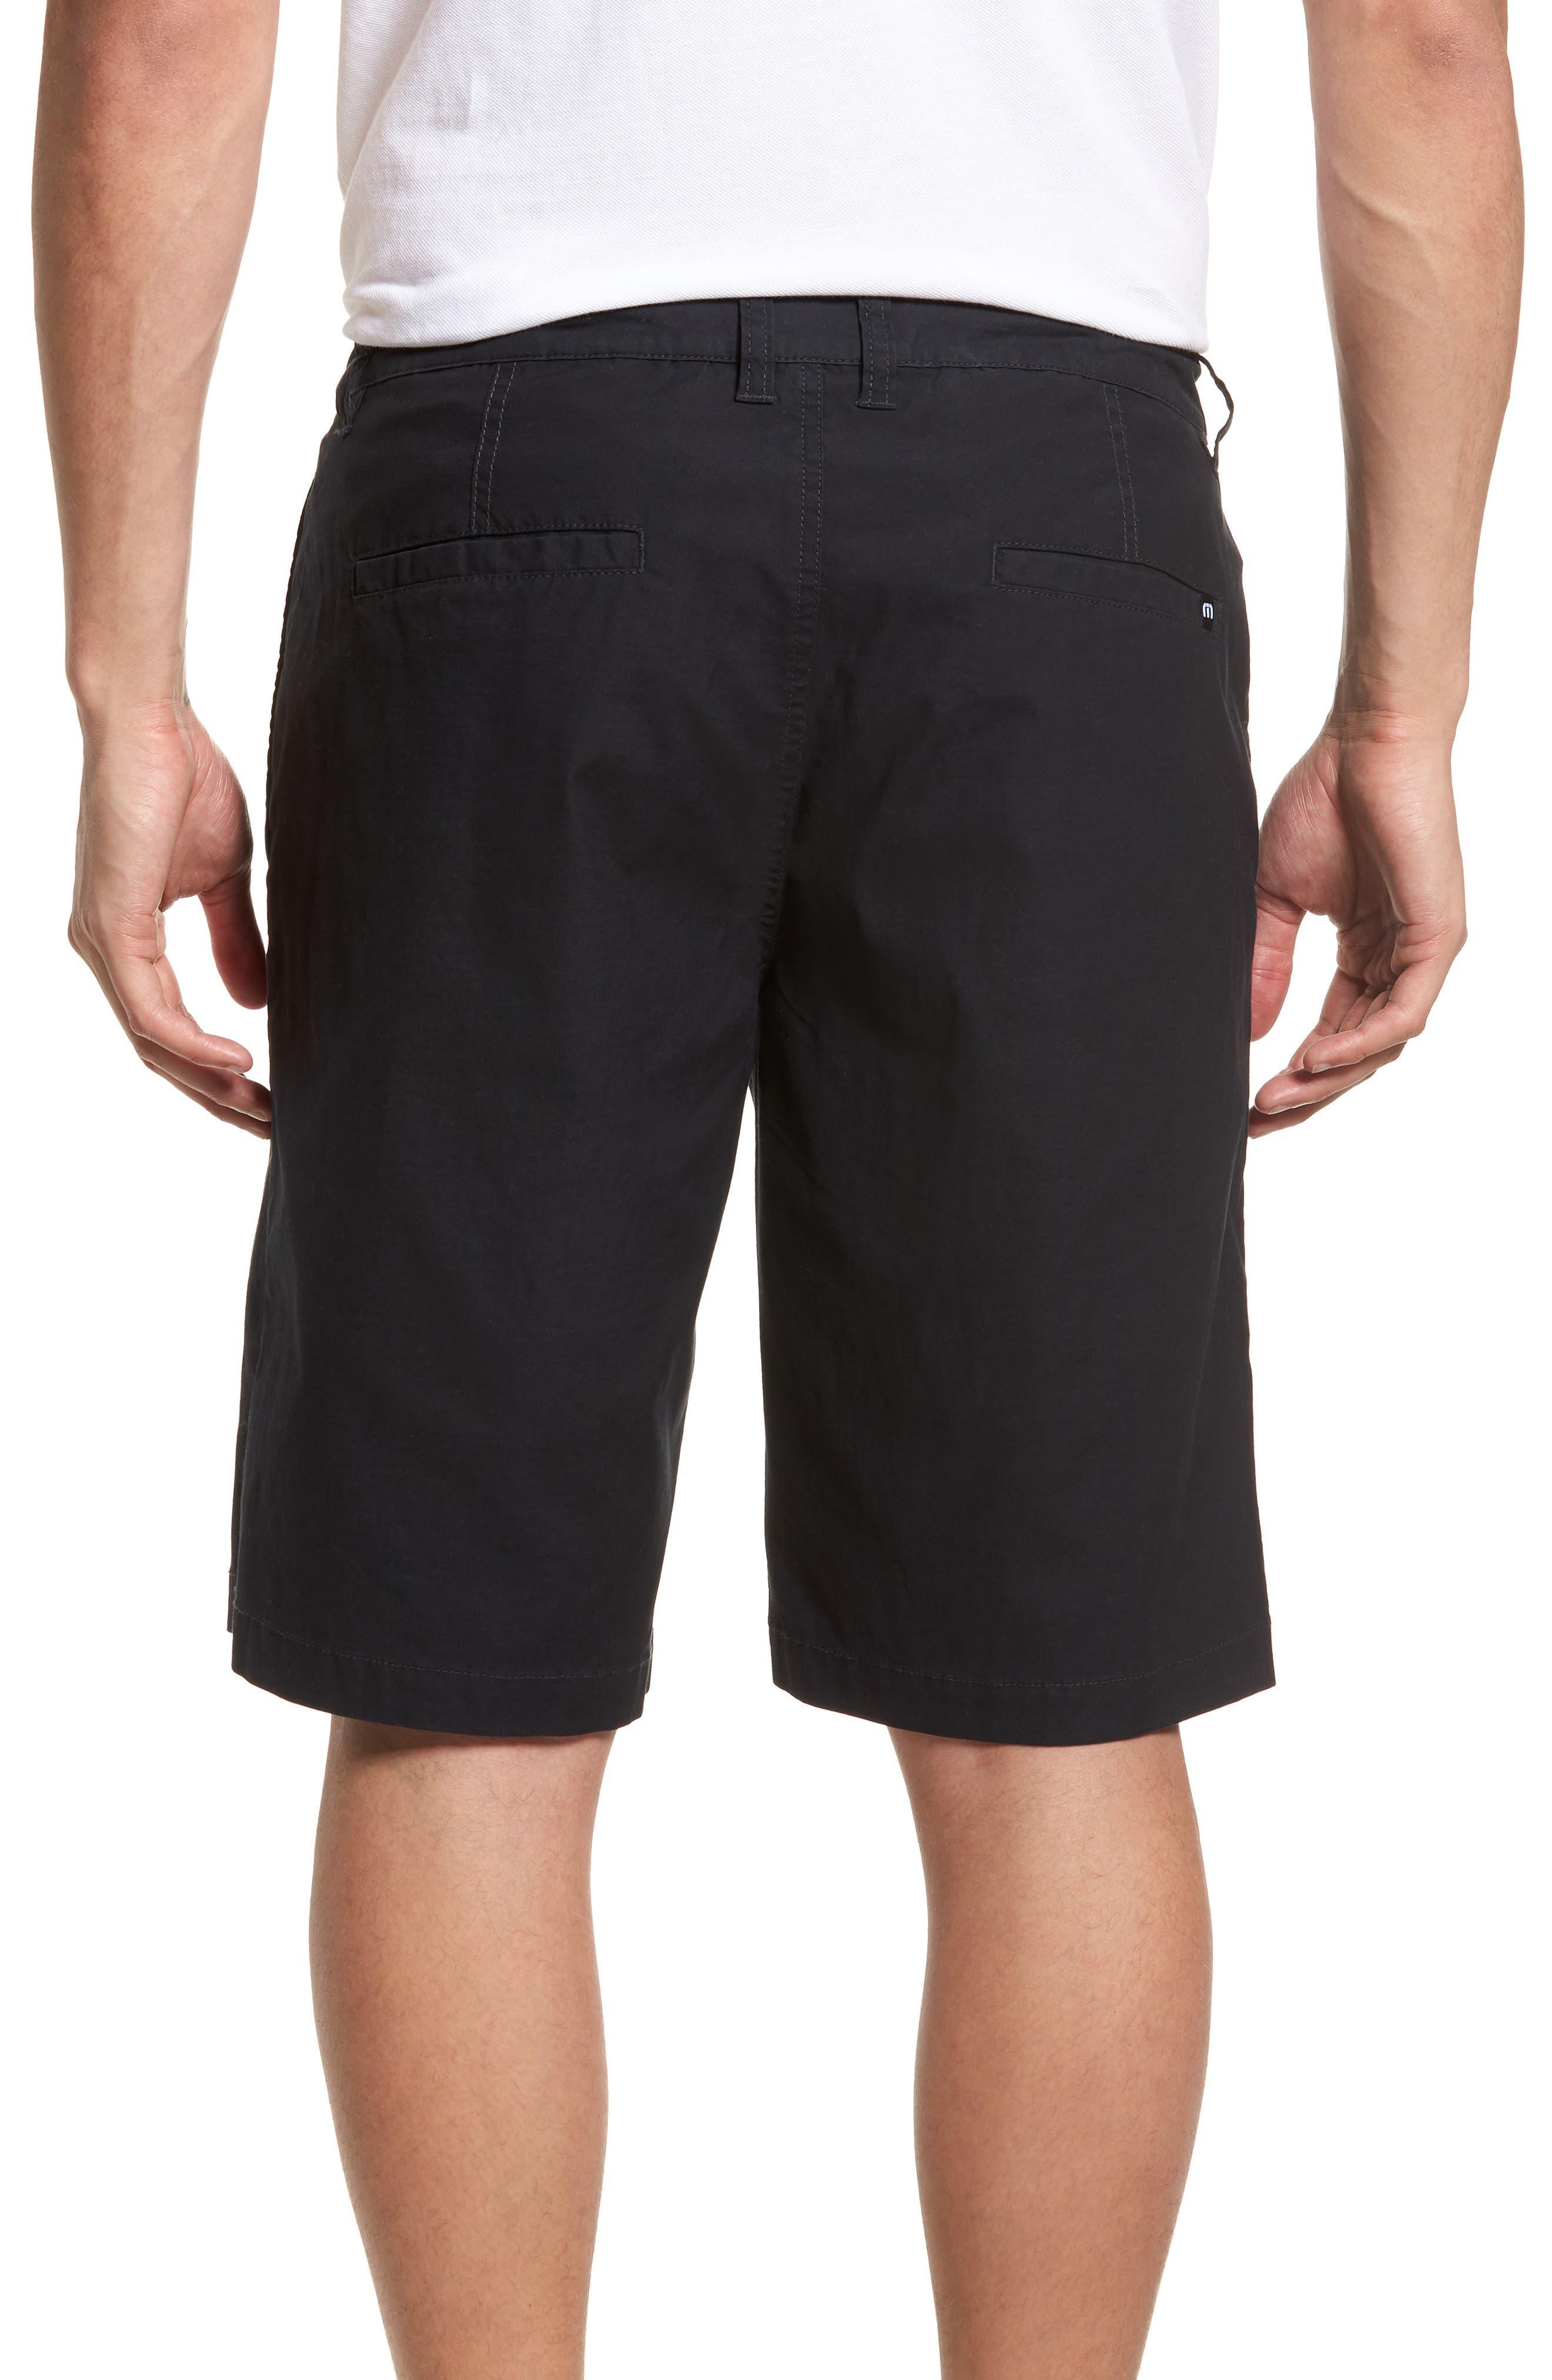 Huntington Shorts,                             Alternate thumbnail 2, color,                             BLACK